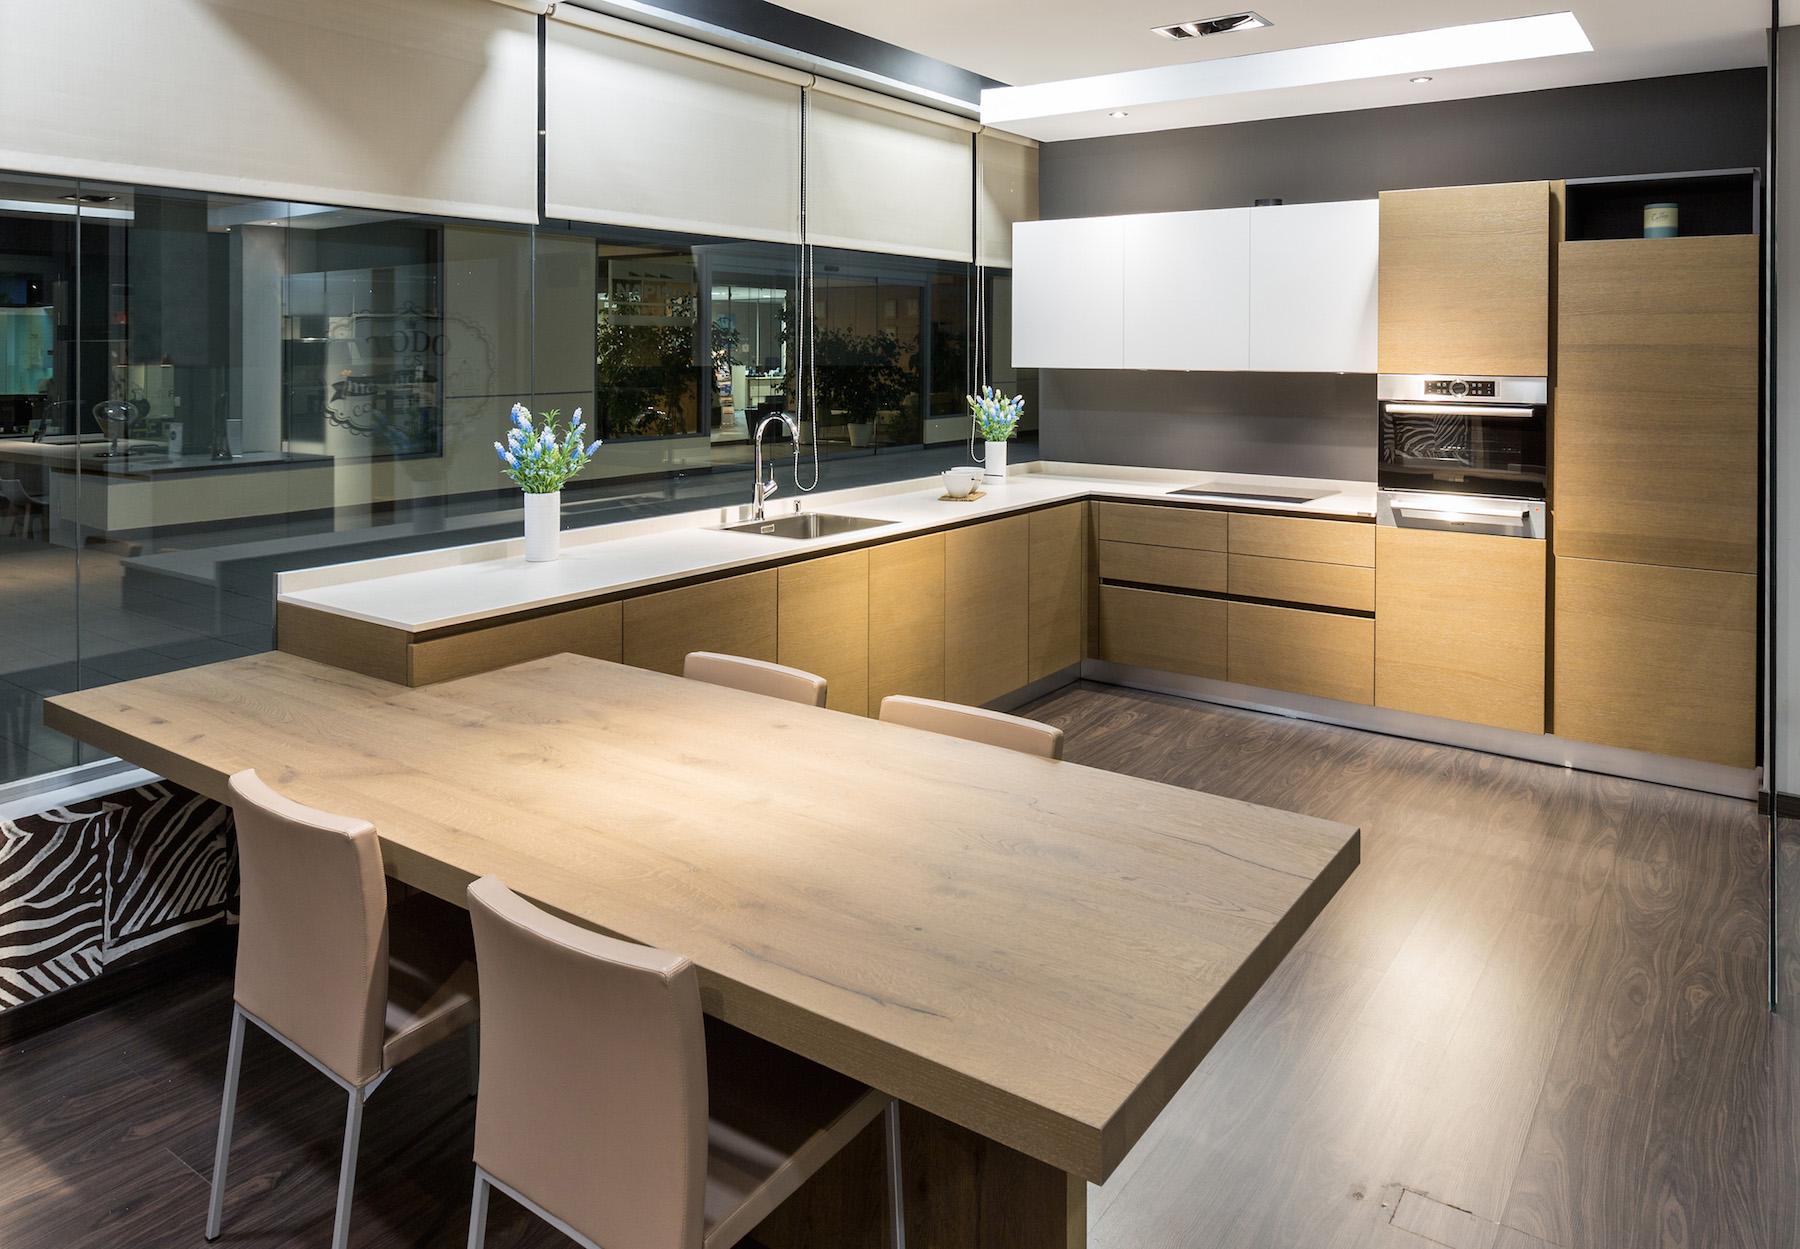 19 hermoso venta cocinas exposicion galer a de im genes - Muebles de cocina mostoles ...